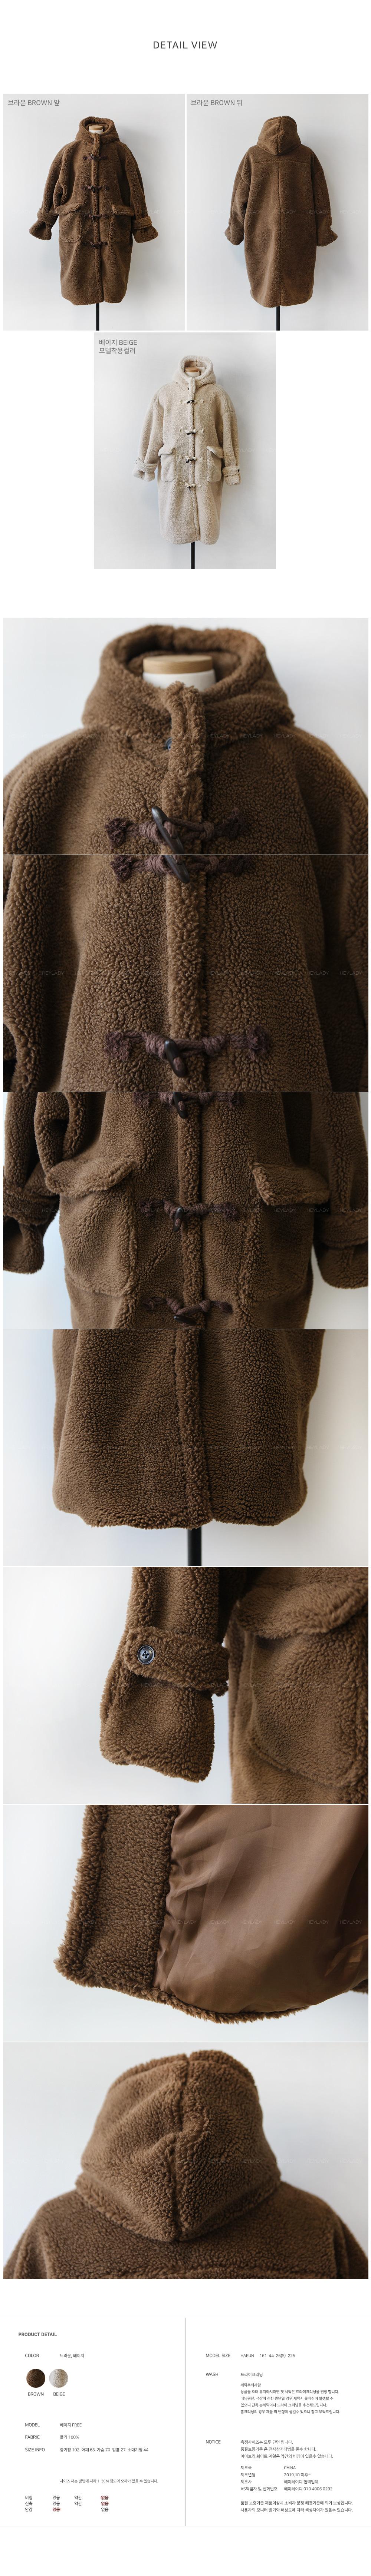 Dealer Dumble Topokki Coat